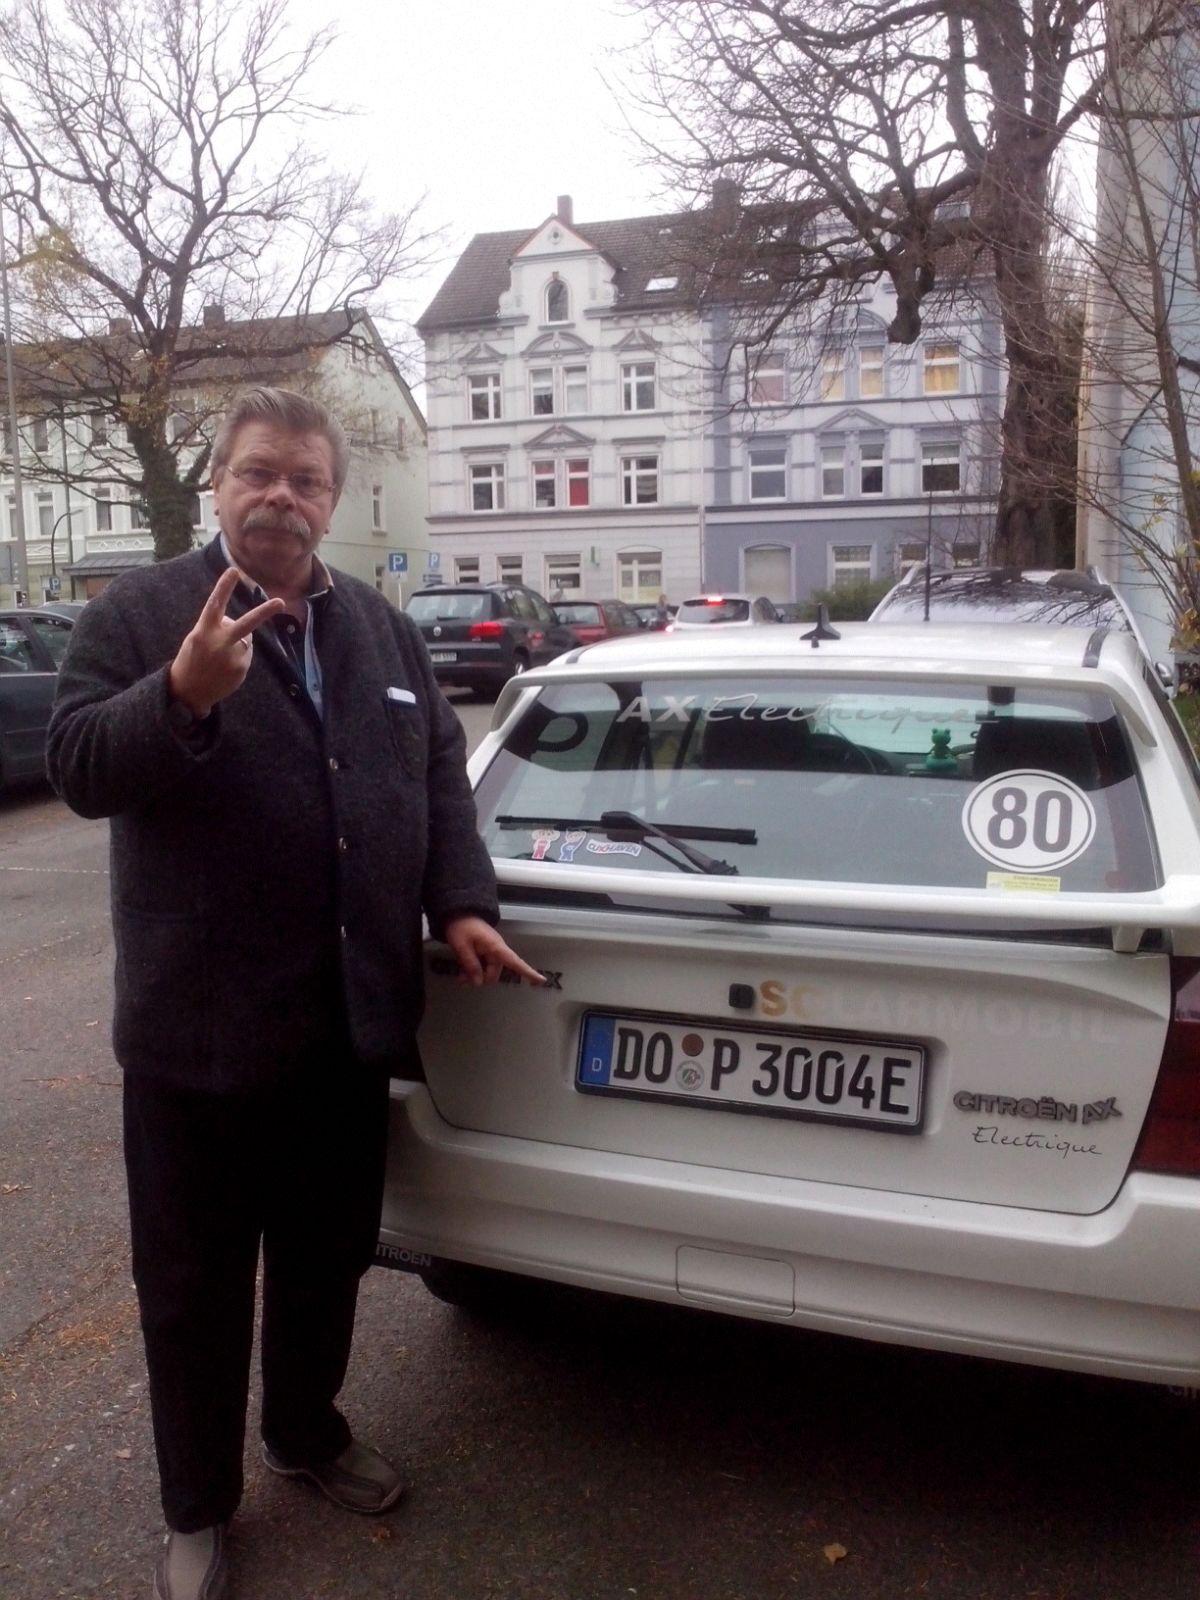 Das erste E-Kennzeichen holte sich Gerd in Dortmund